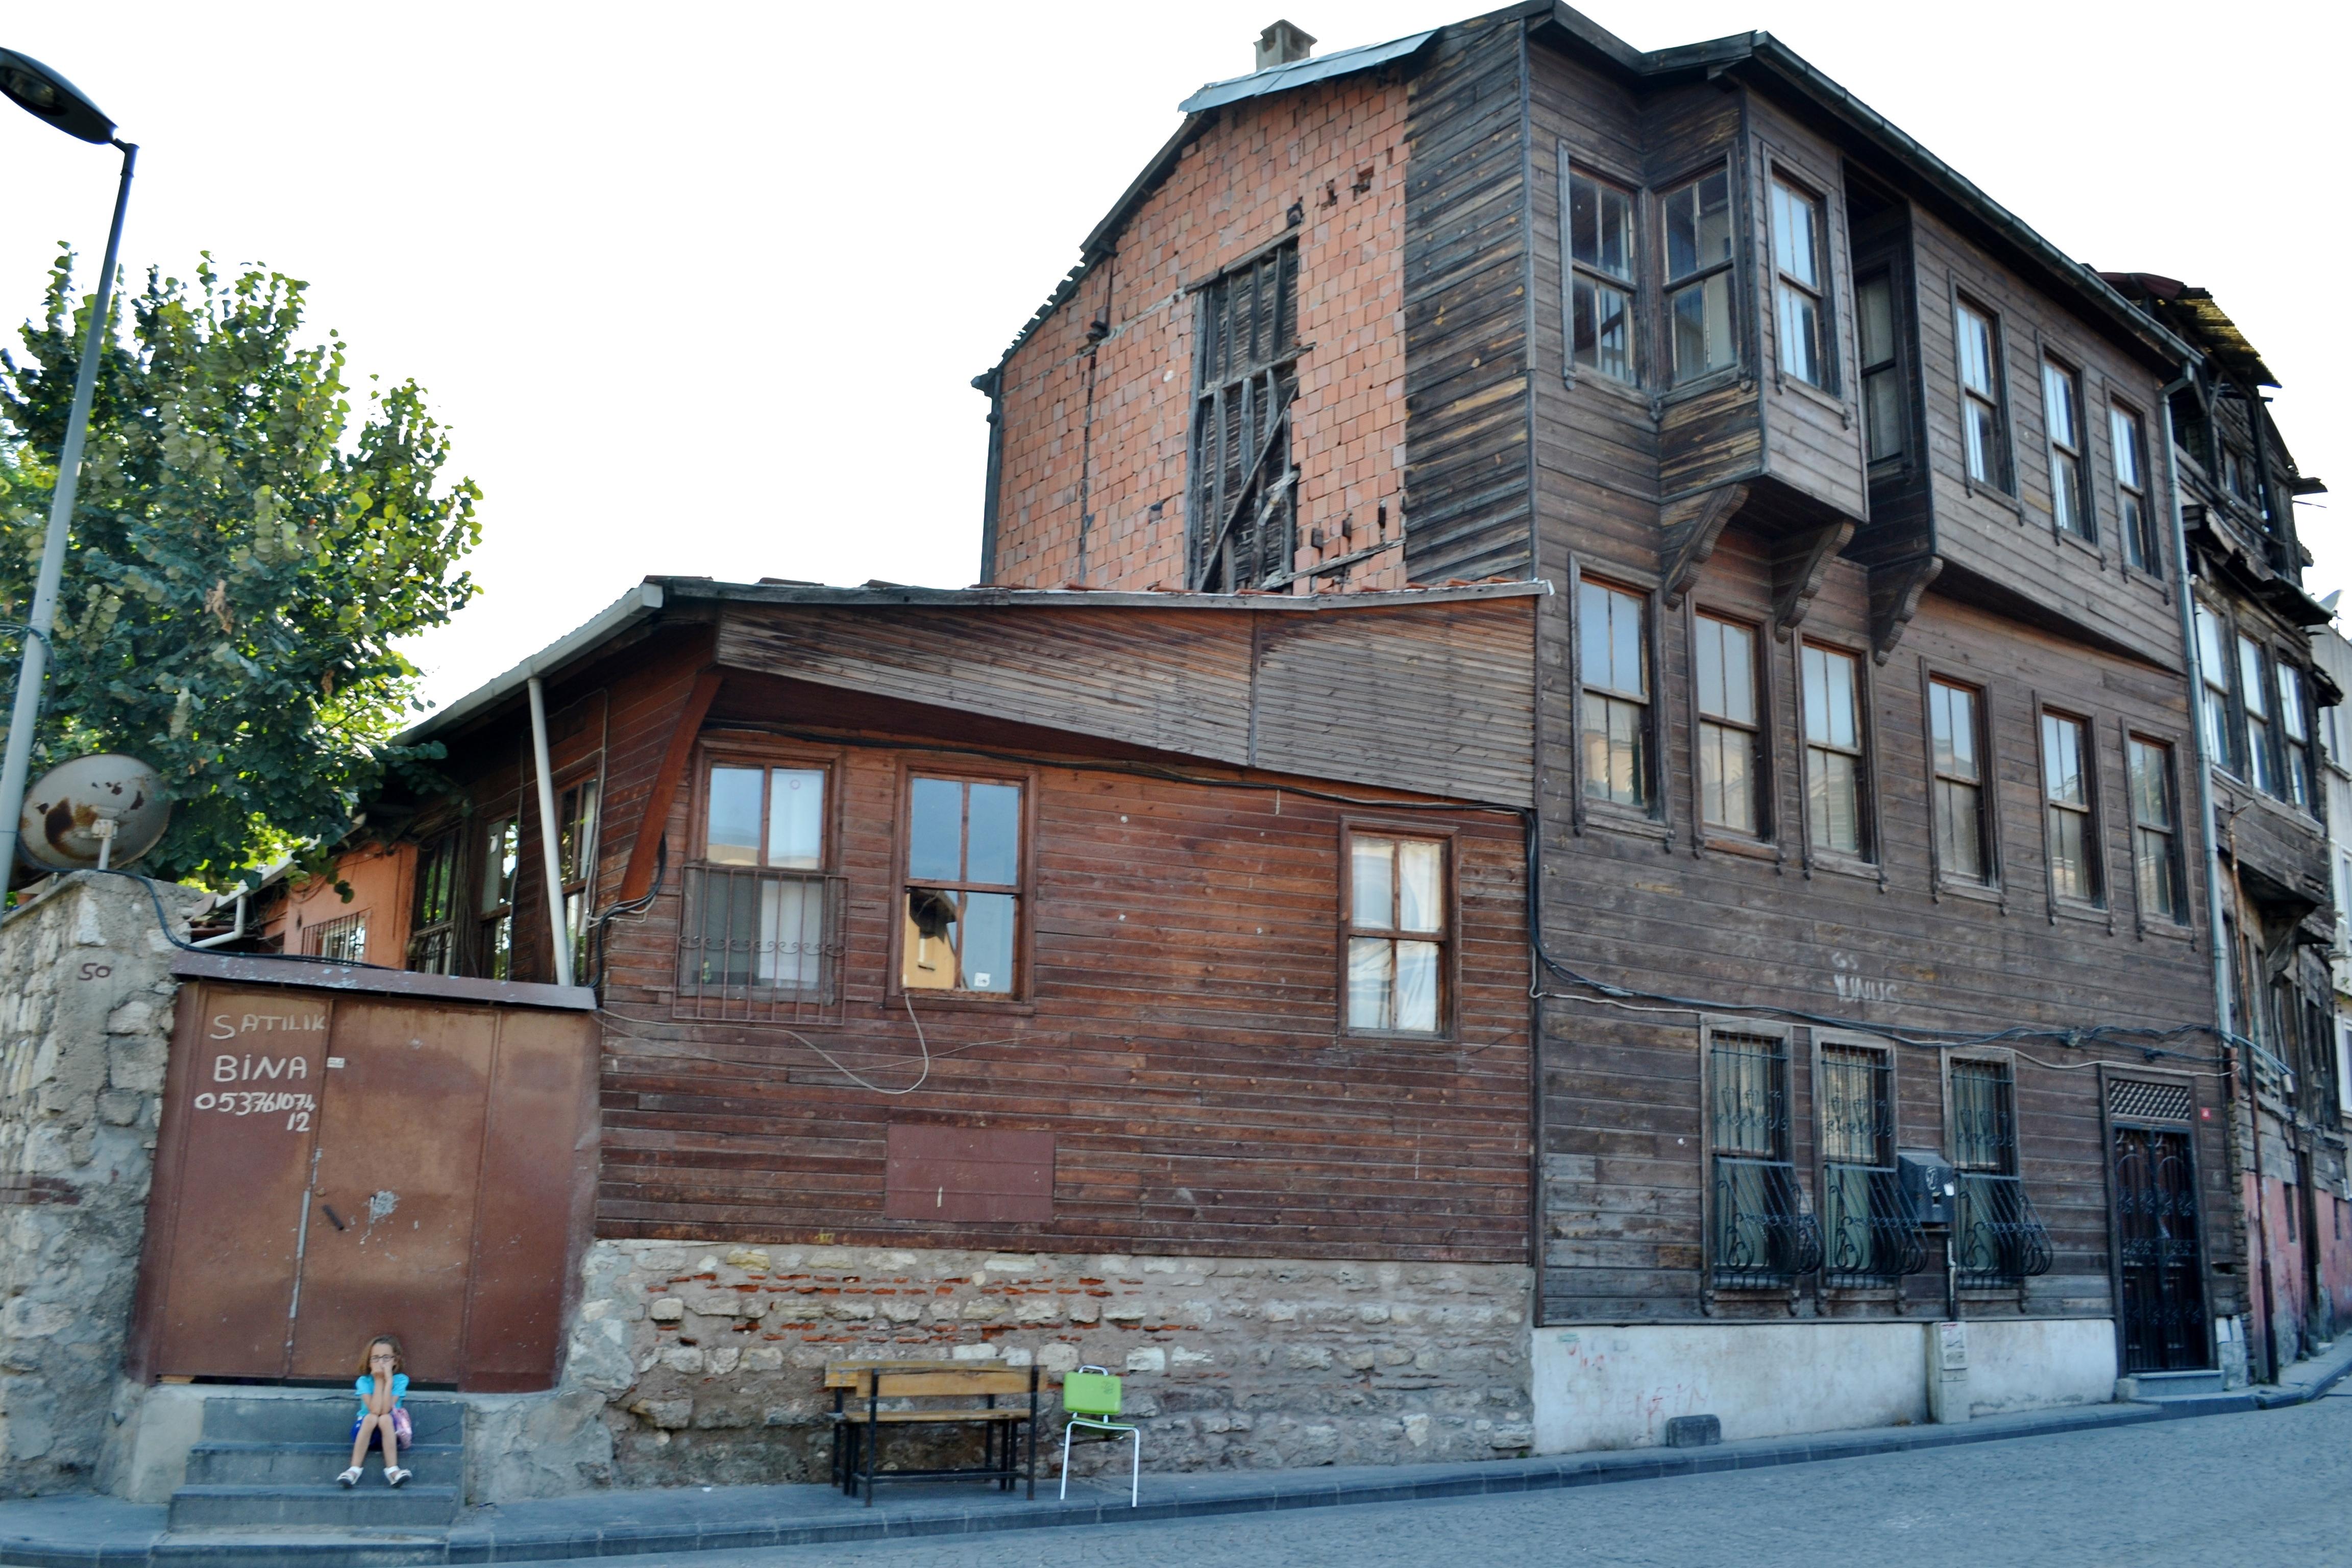 Case In Legno Problemi le case di legno ottomane a zeyrek   ritagli di viaggio